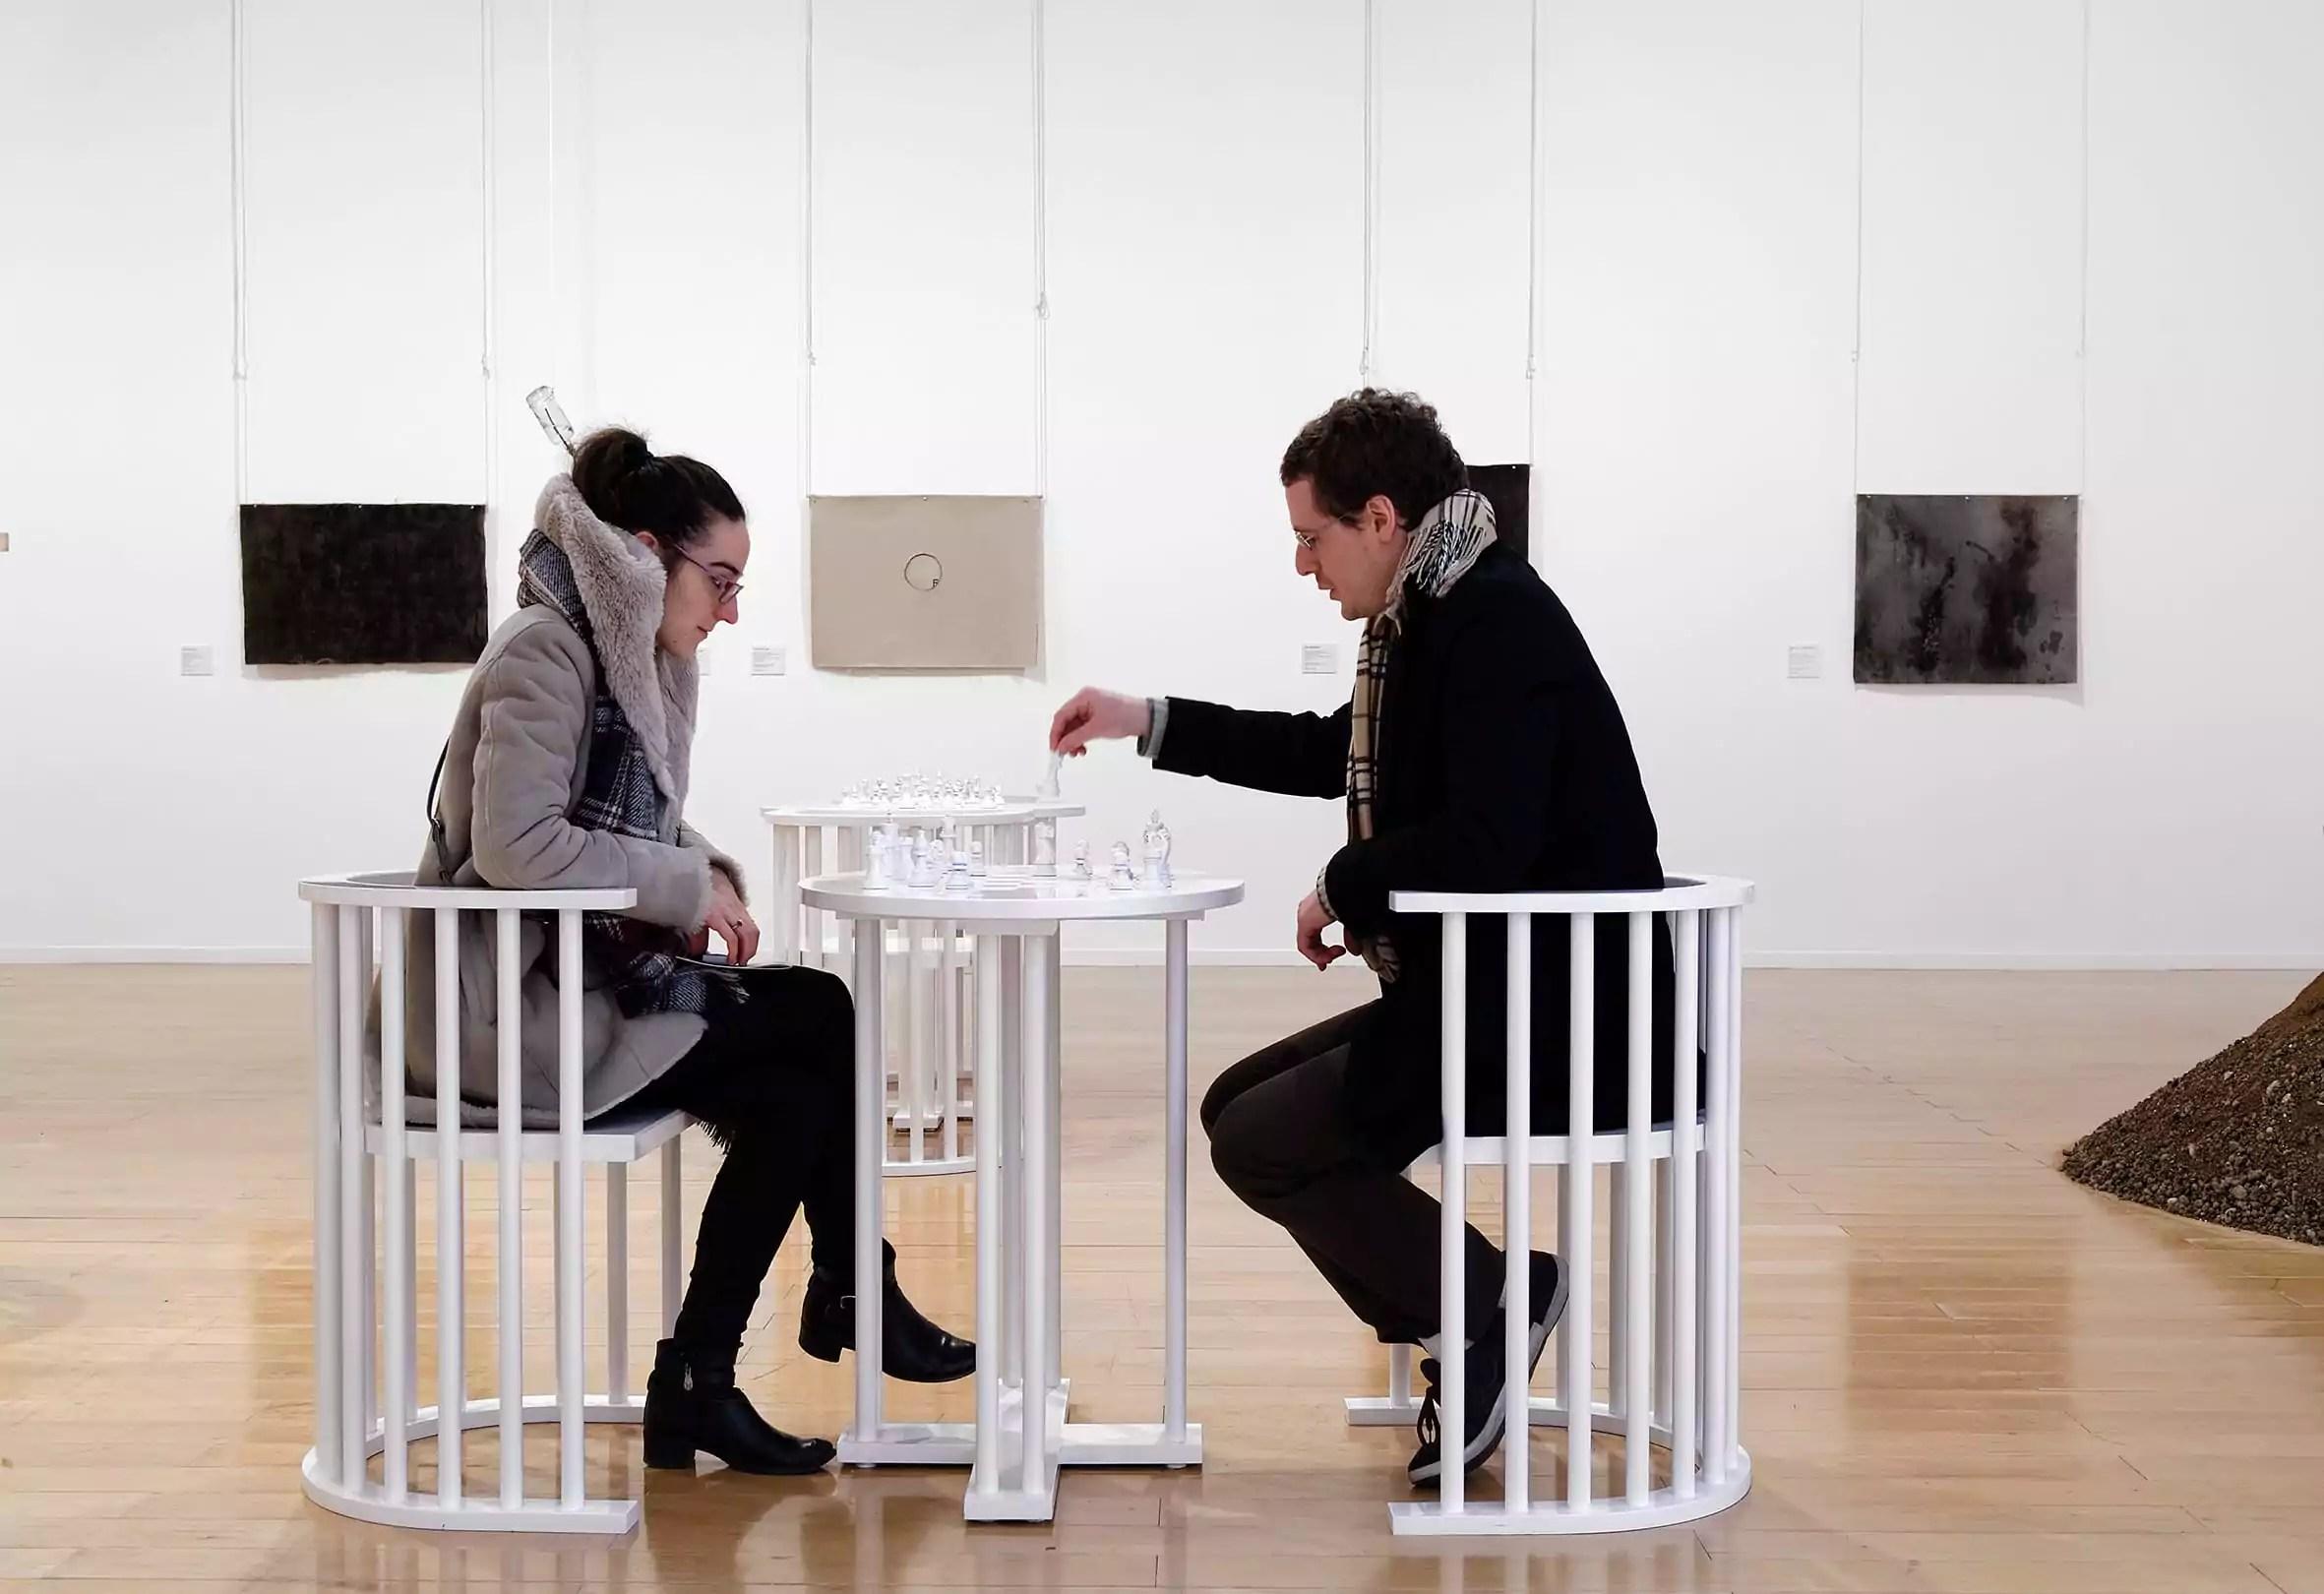 Vue de la rétrospective YOKO ONO Lumière de L'aube au MAC Lyon (09 mars – 10 juillet 2016) /Œuvre : Play It By Trust / Courtesy Yoko Ono / © Photo : Blaise Adilon